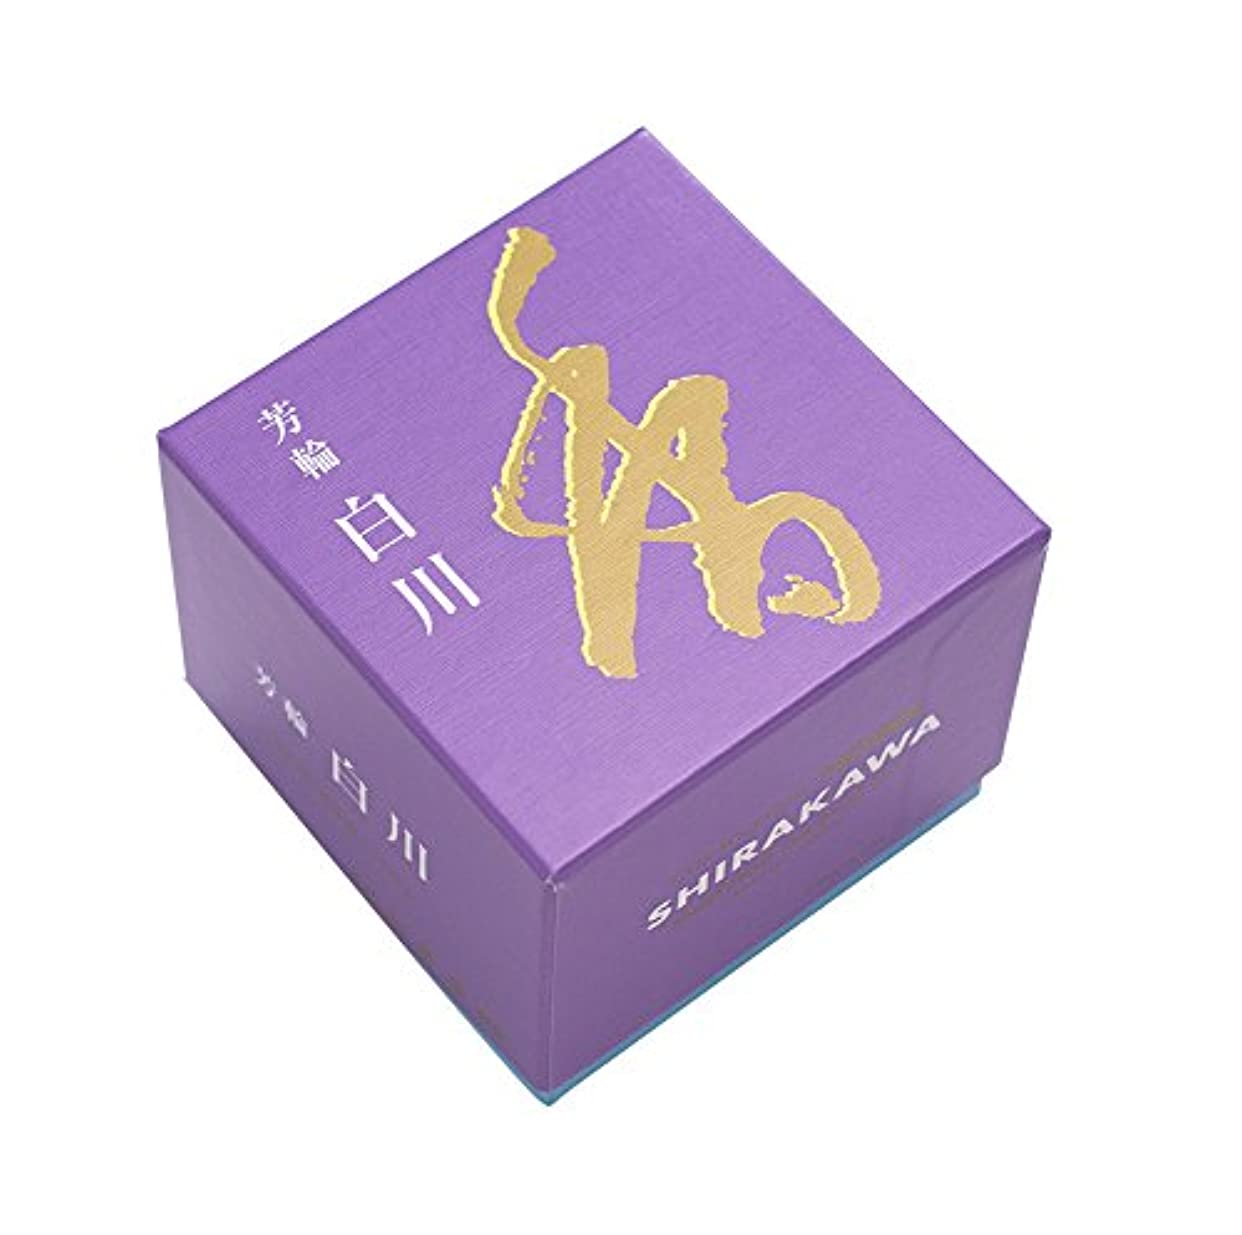 メイトテロ完了松栄堂のお香 芳輪白川 渦巻型10枚入 うてな角型付 #210621